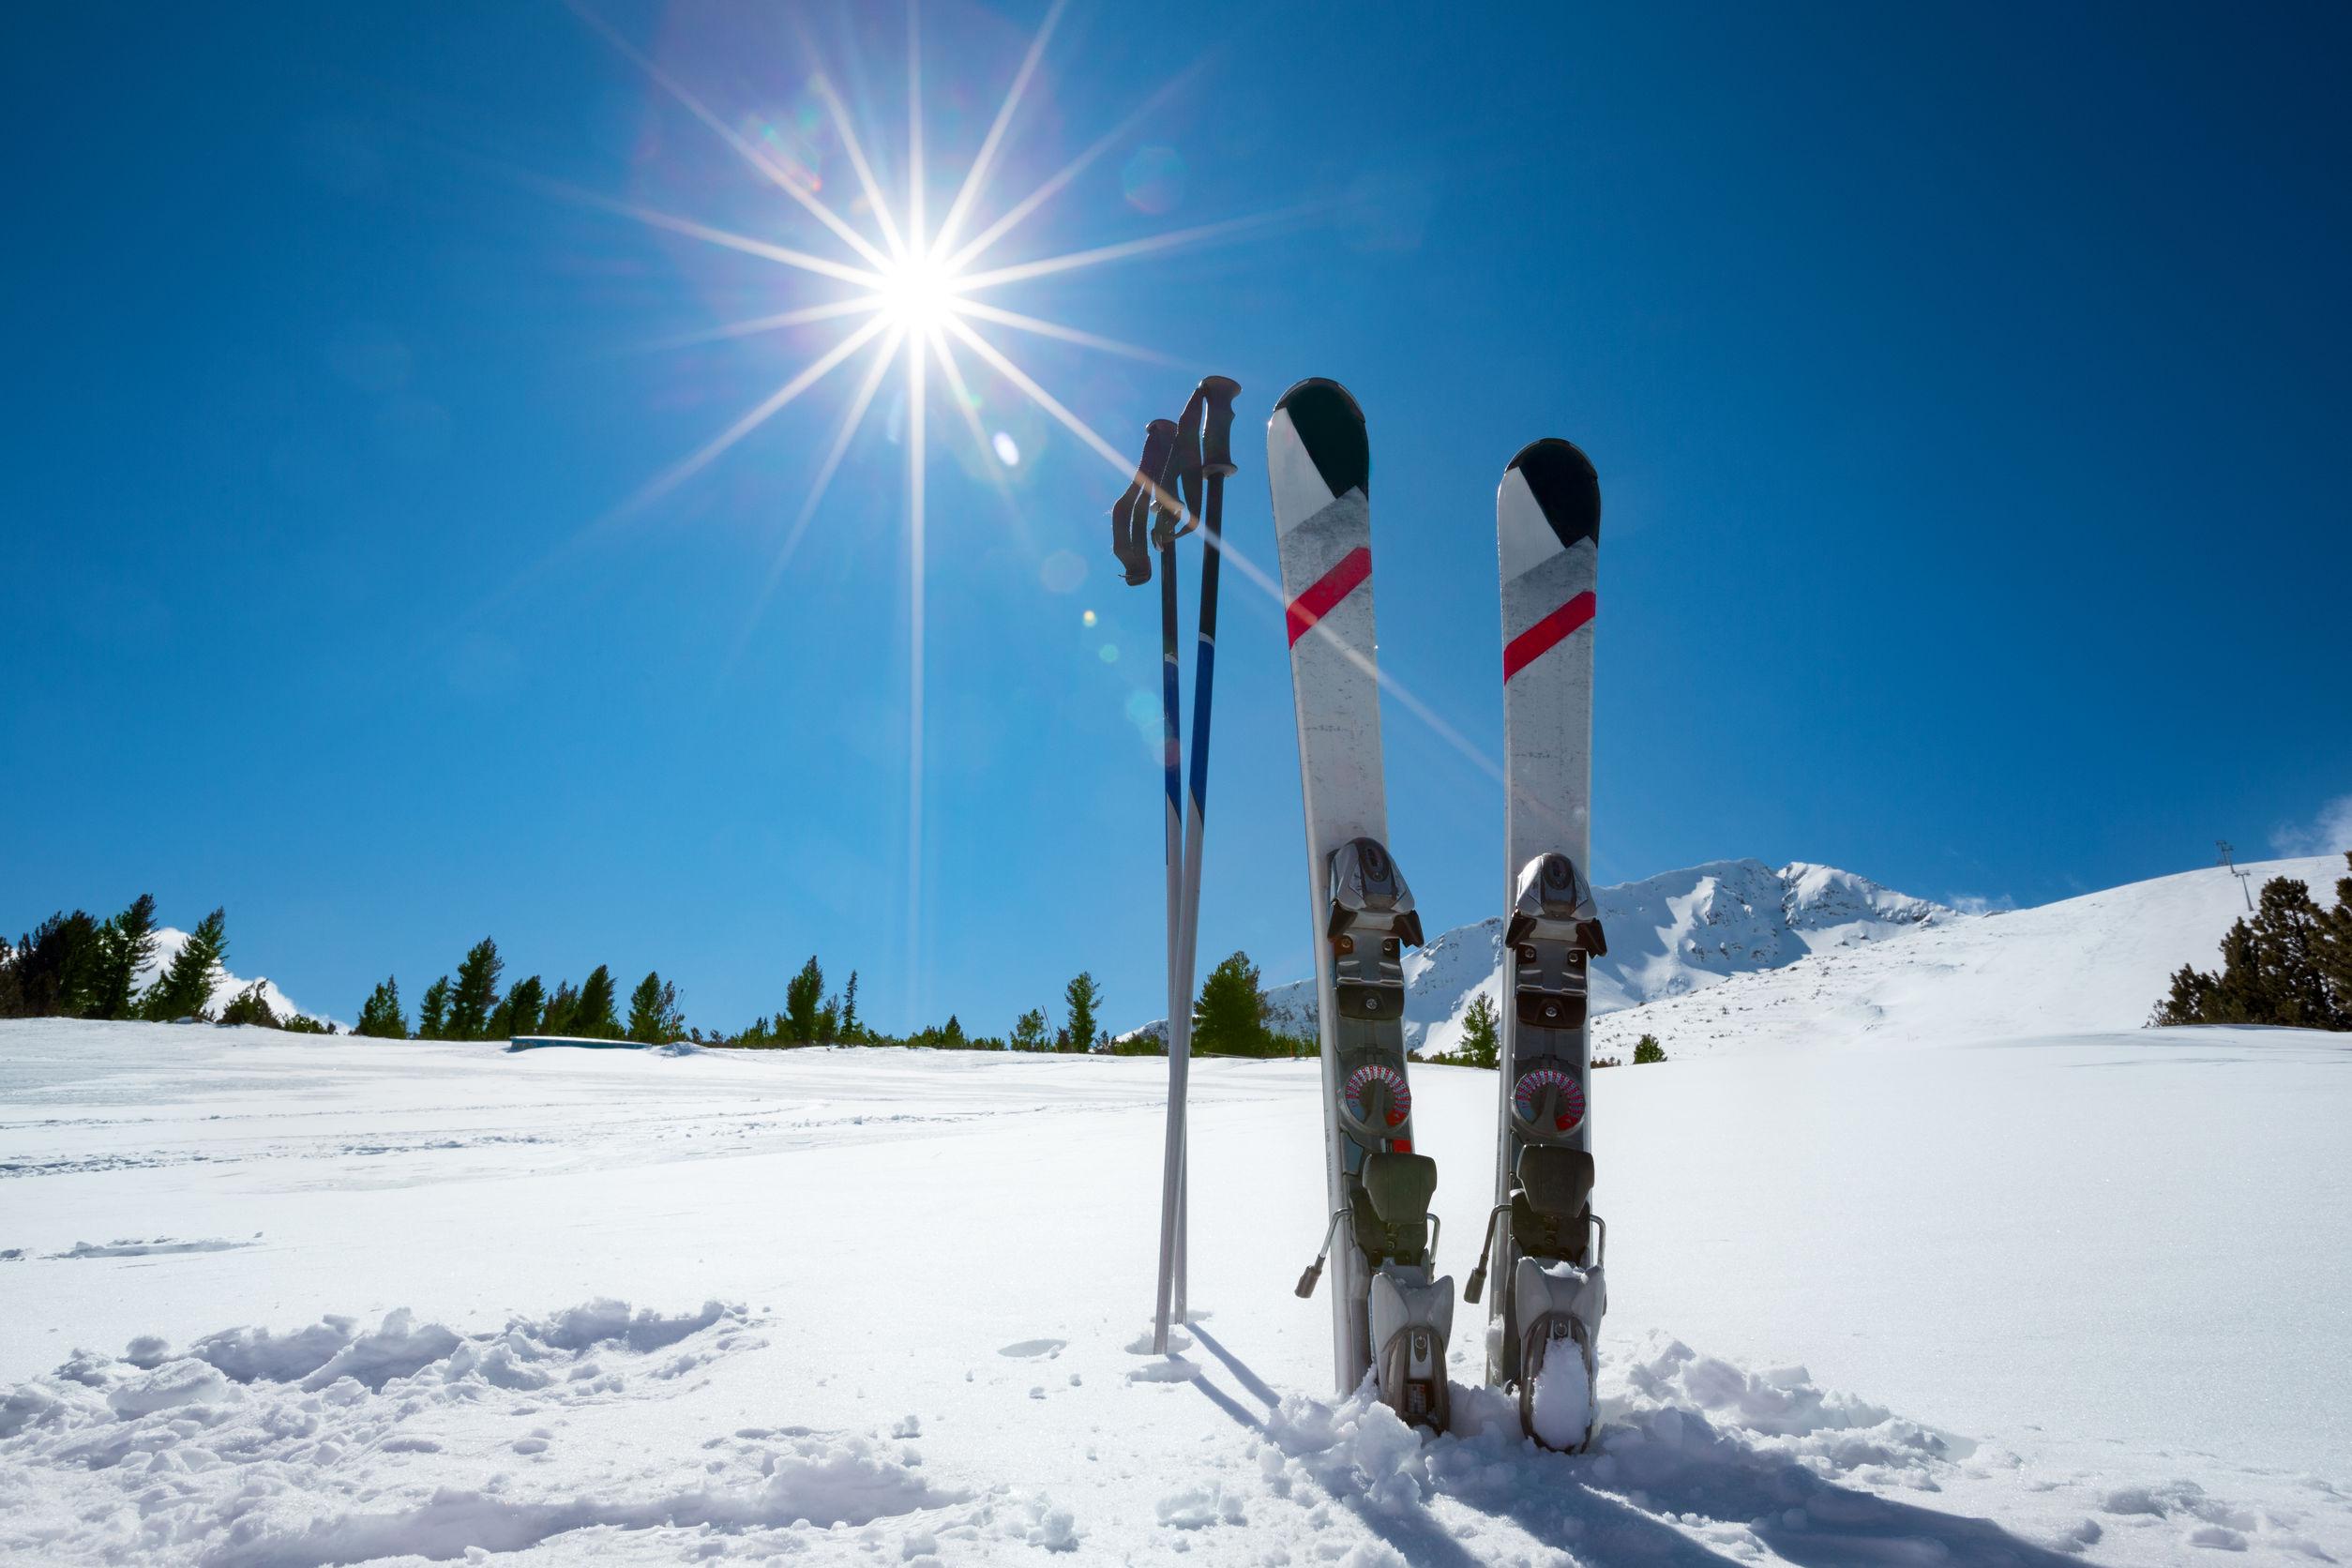 temporada de invierno, montaña y material de esquí en pista